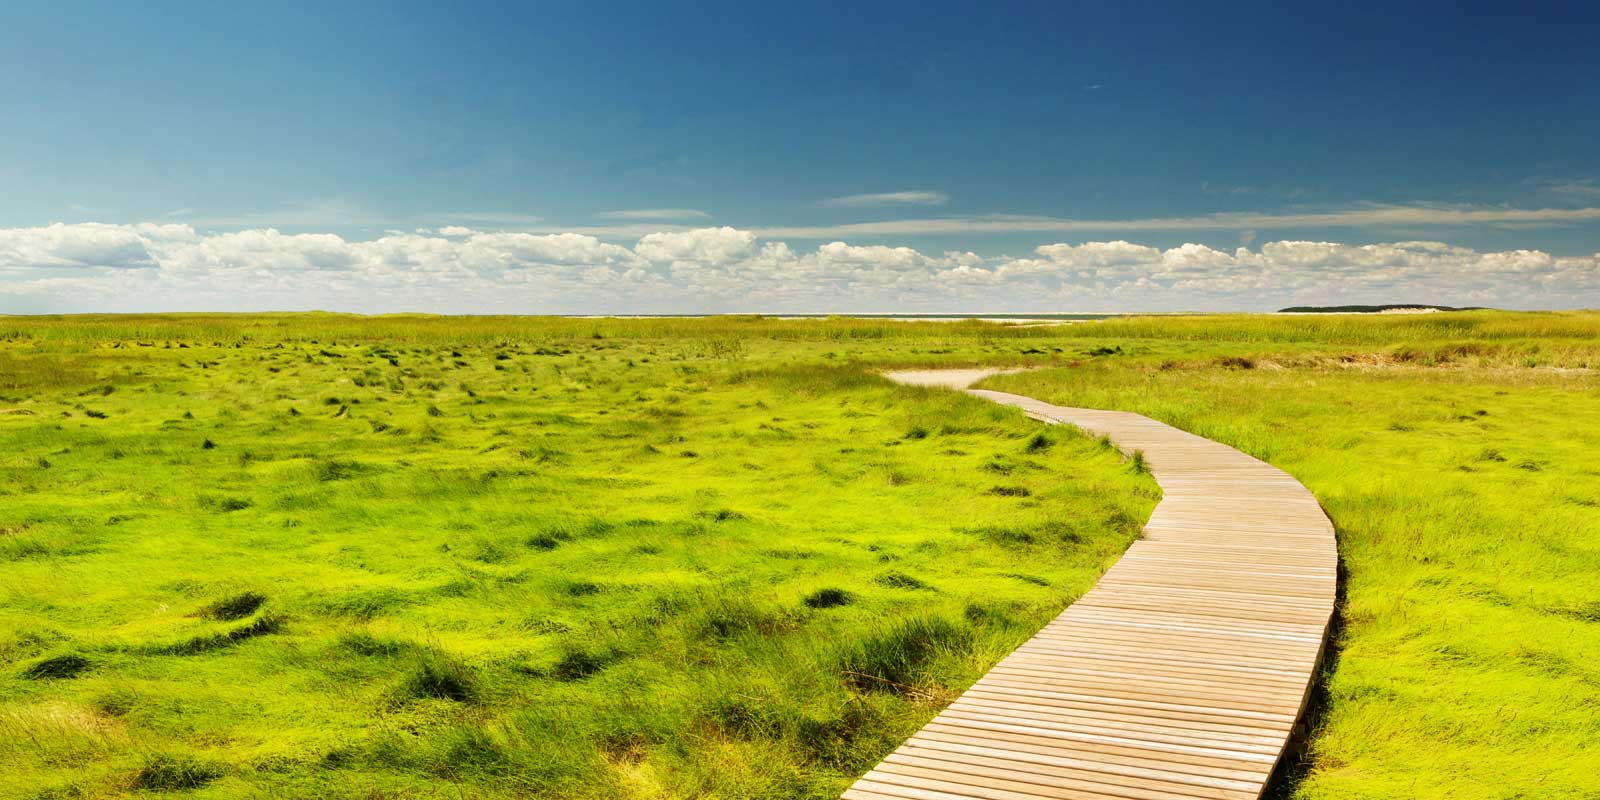 A wooden path cuts through sea grass